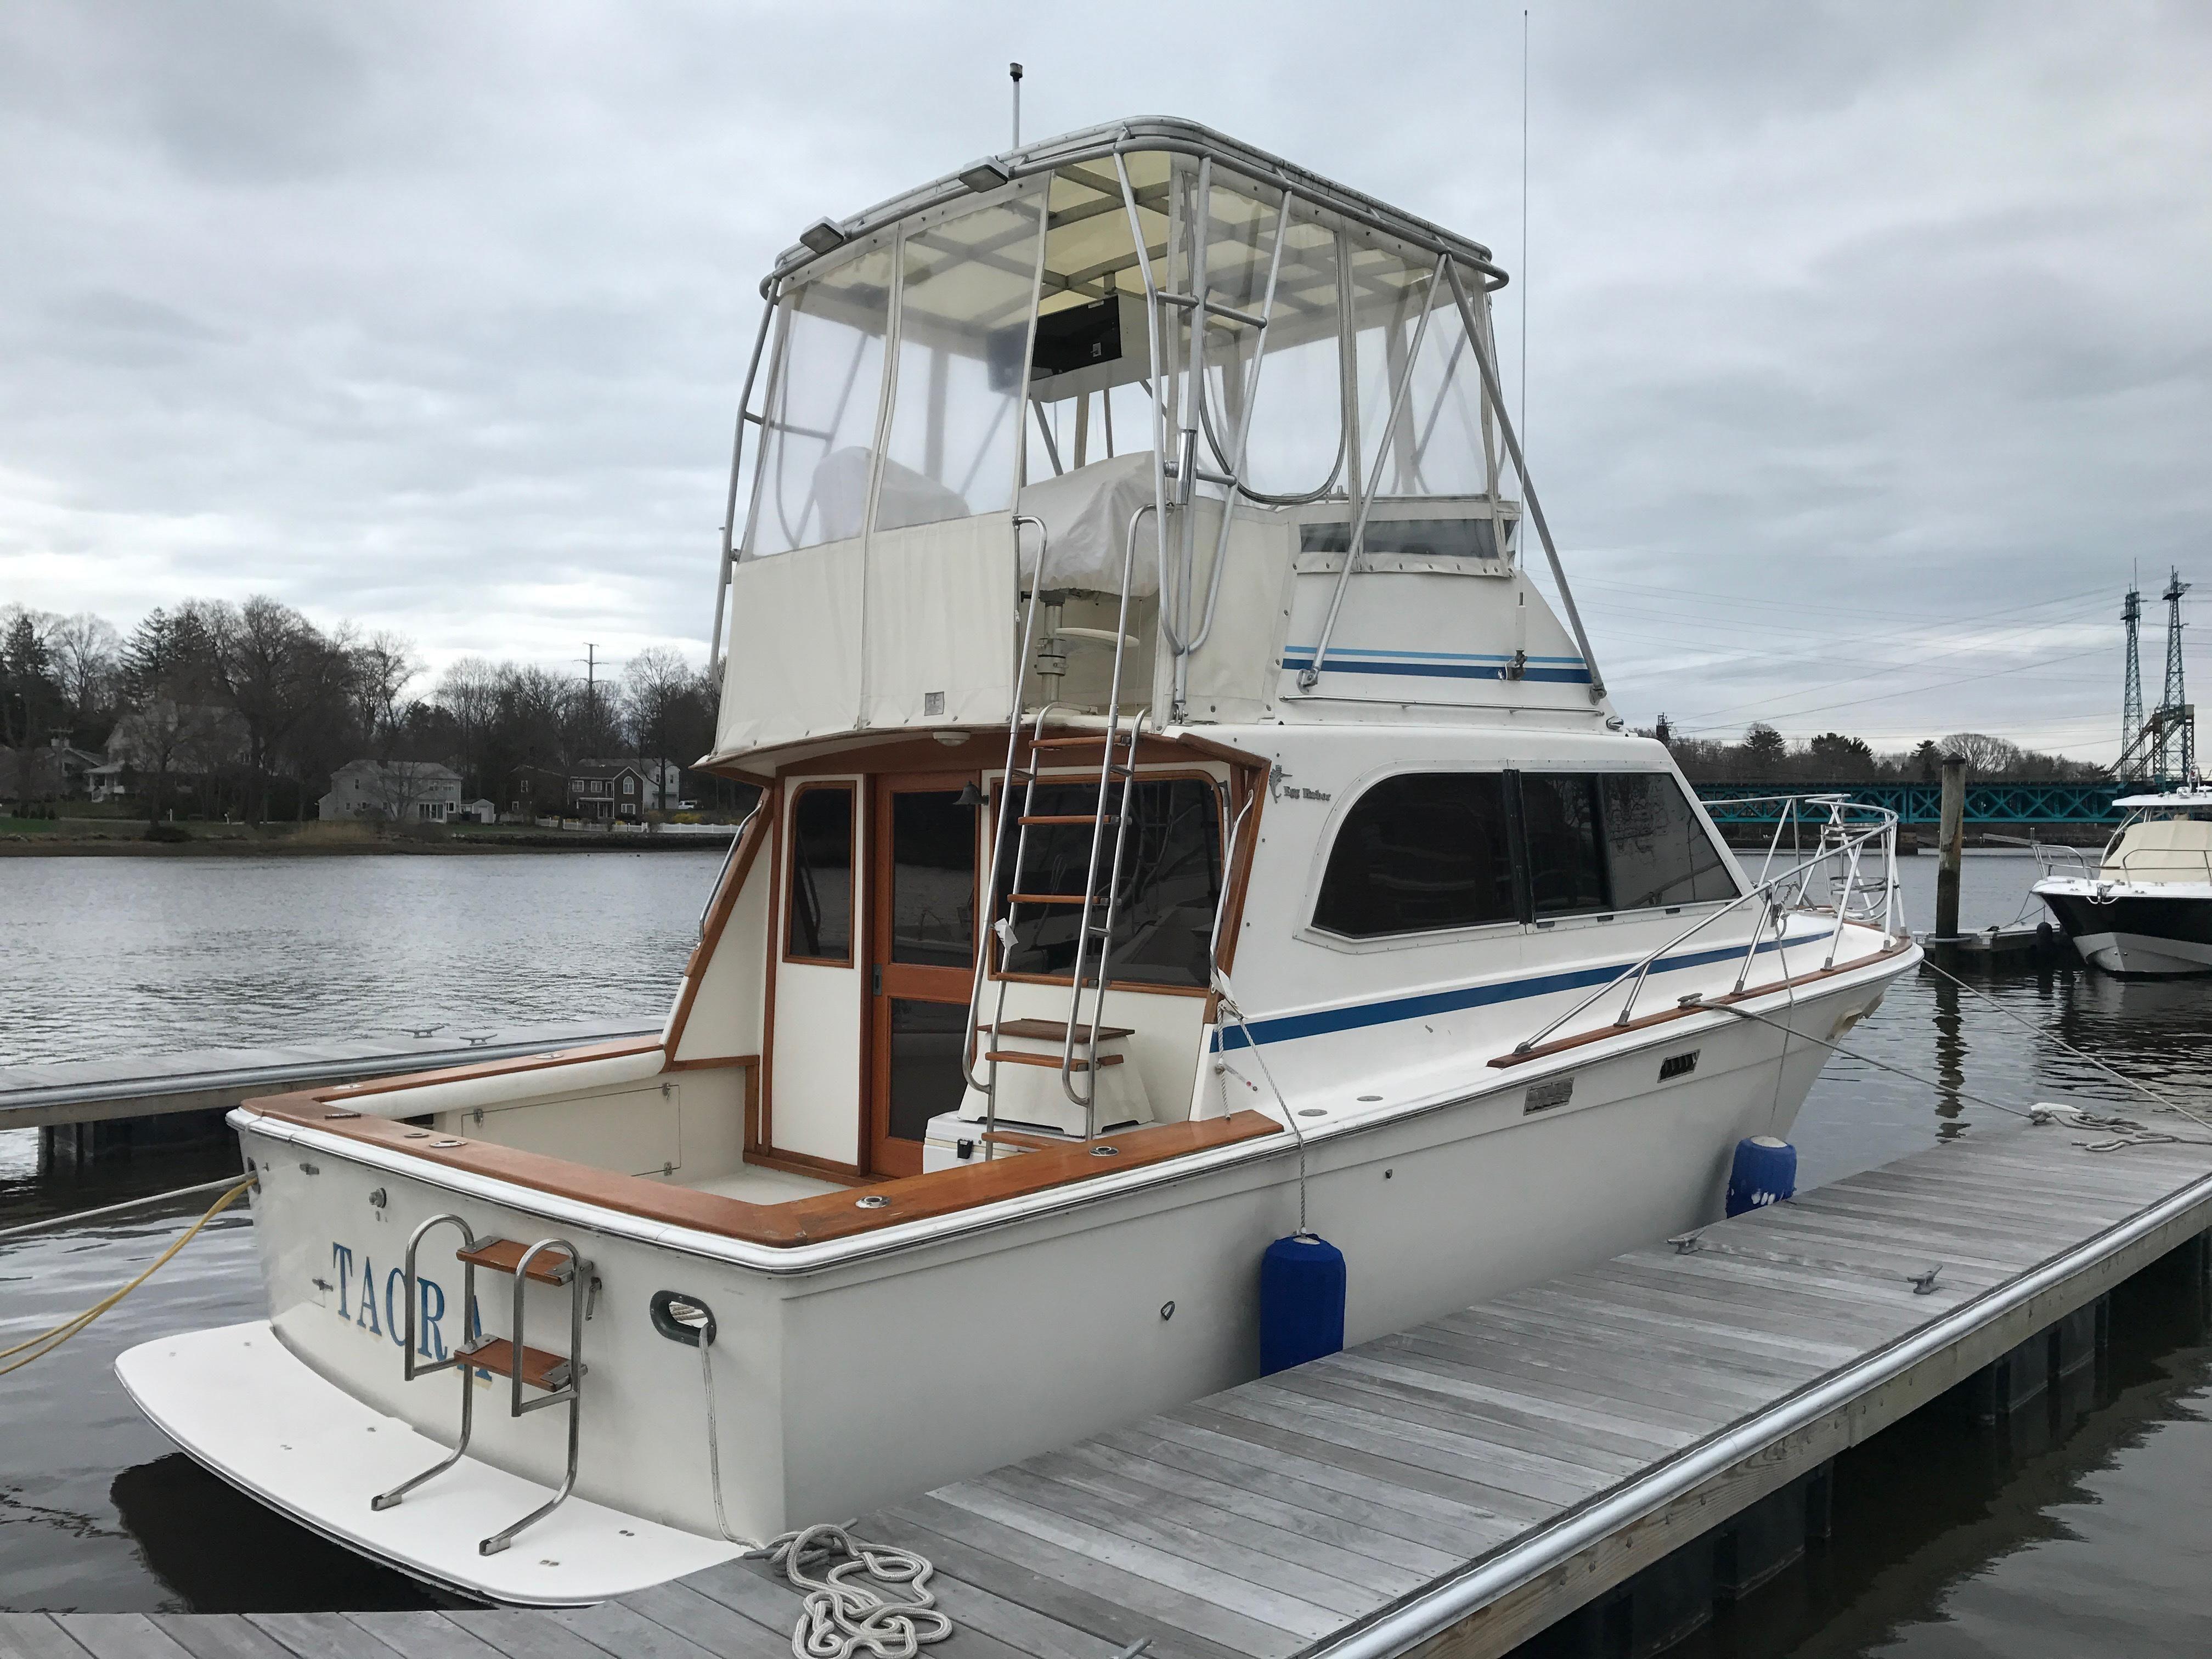 1987 Egg Harbor 33 Sport Fisherman Power Boat For Sale